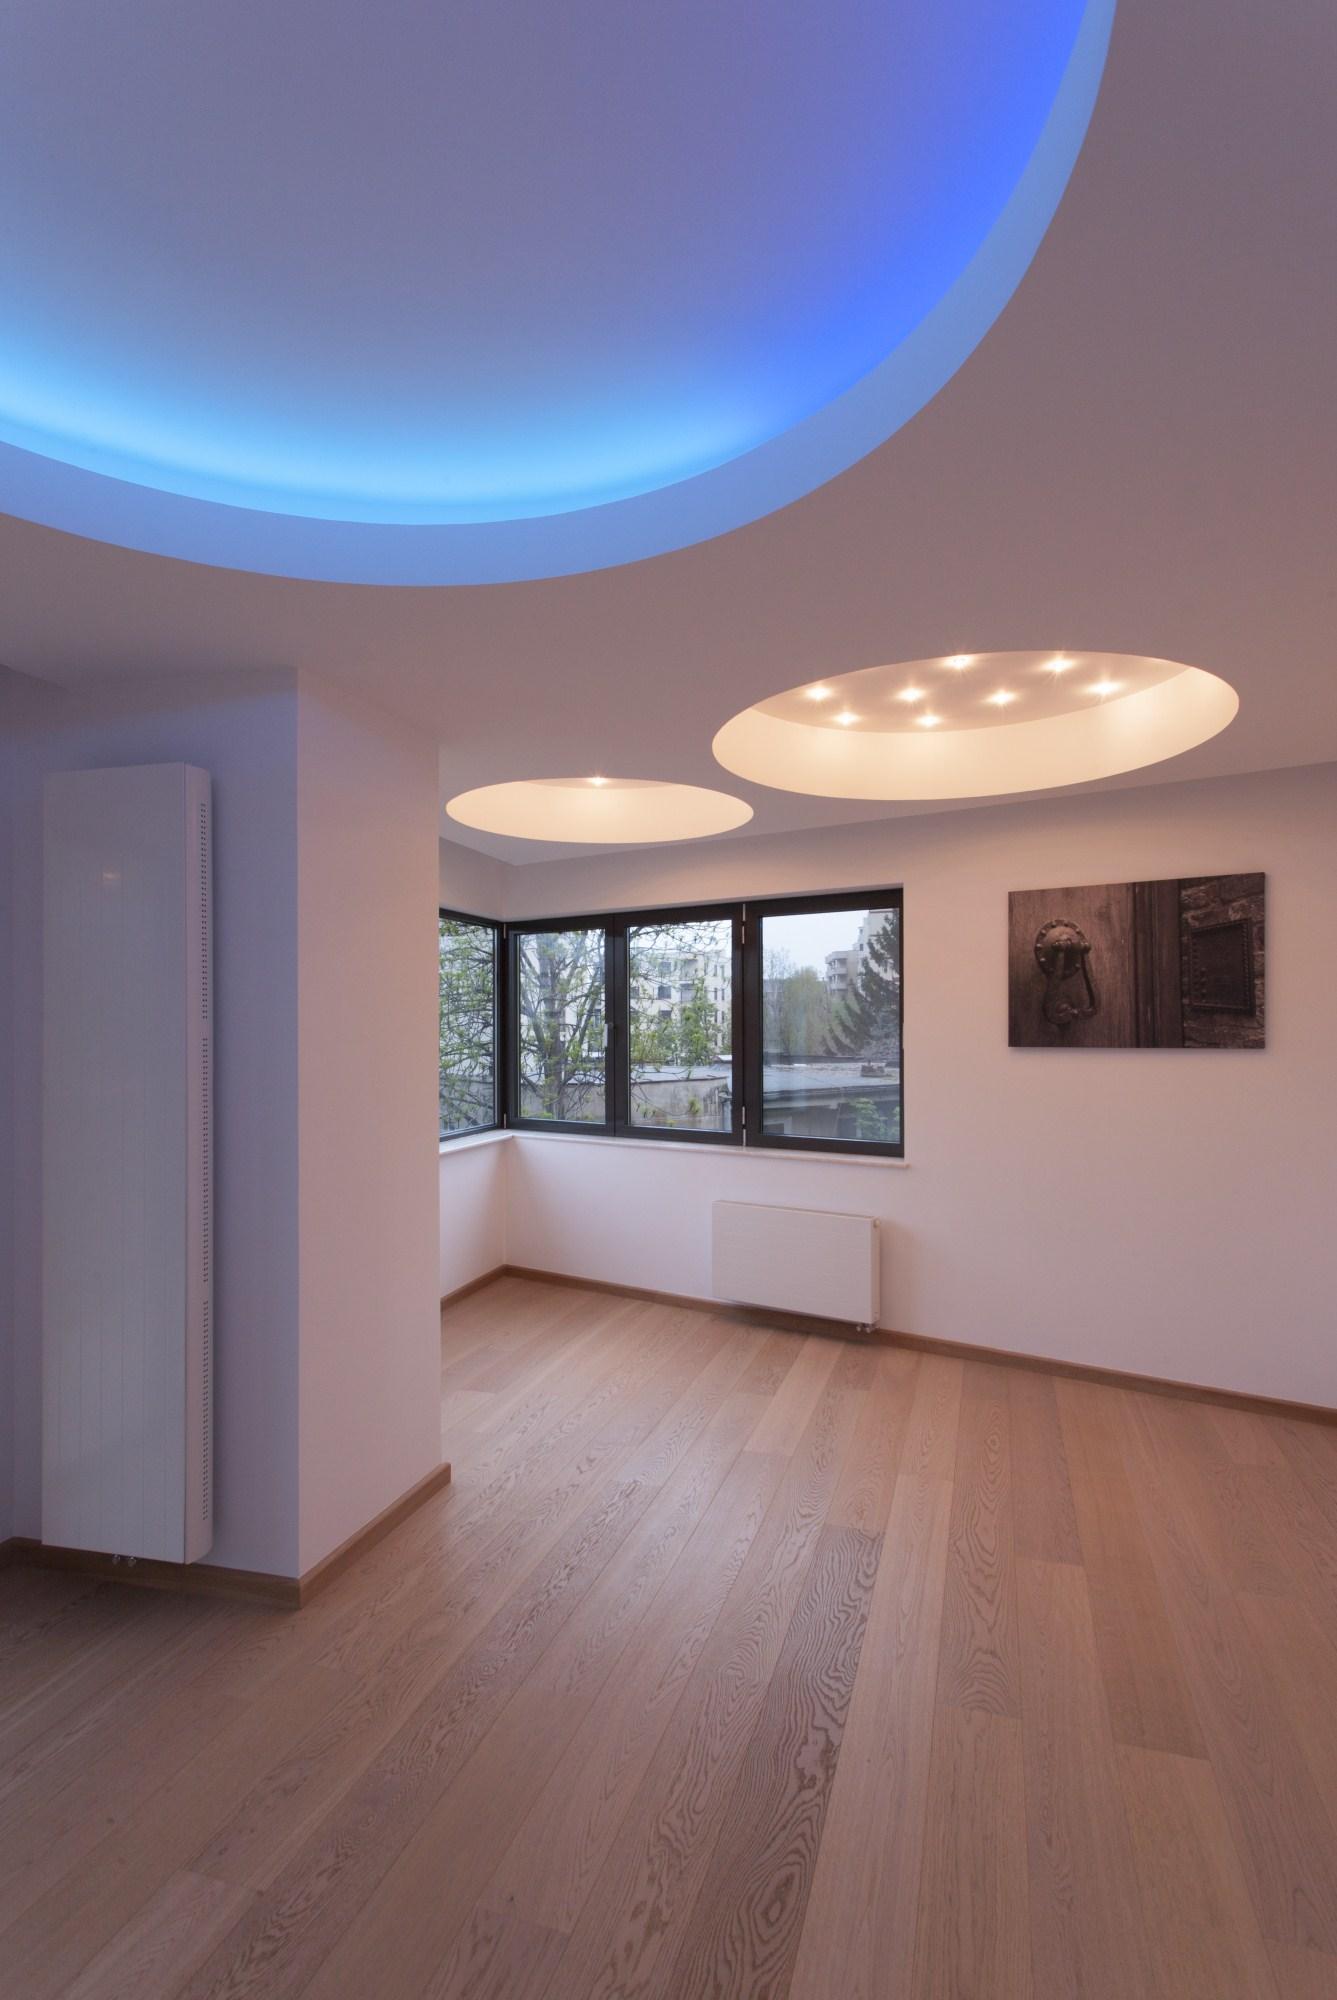 https://nbc-arhitect.ro/wp-content/uploads/2020/11/NBC-Arhitect-_-interior-design-_-Petofi-Sandor-_-Romania_36.jpg